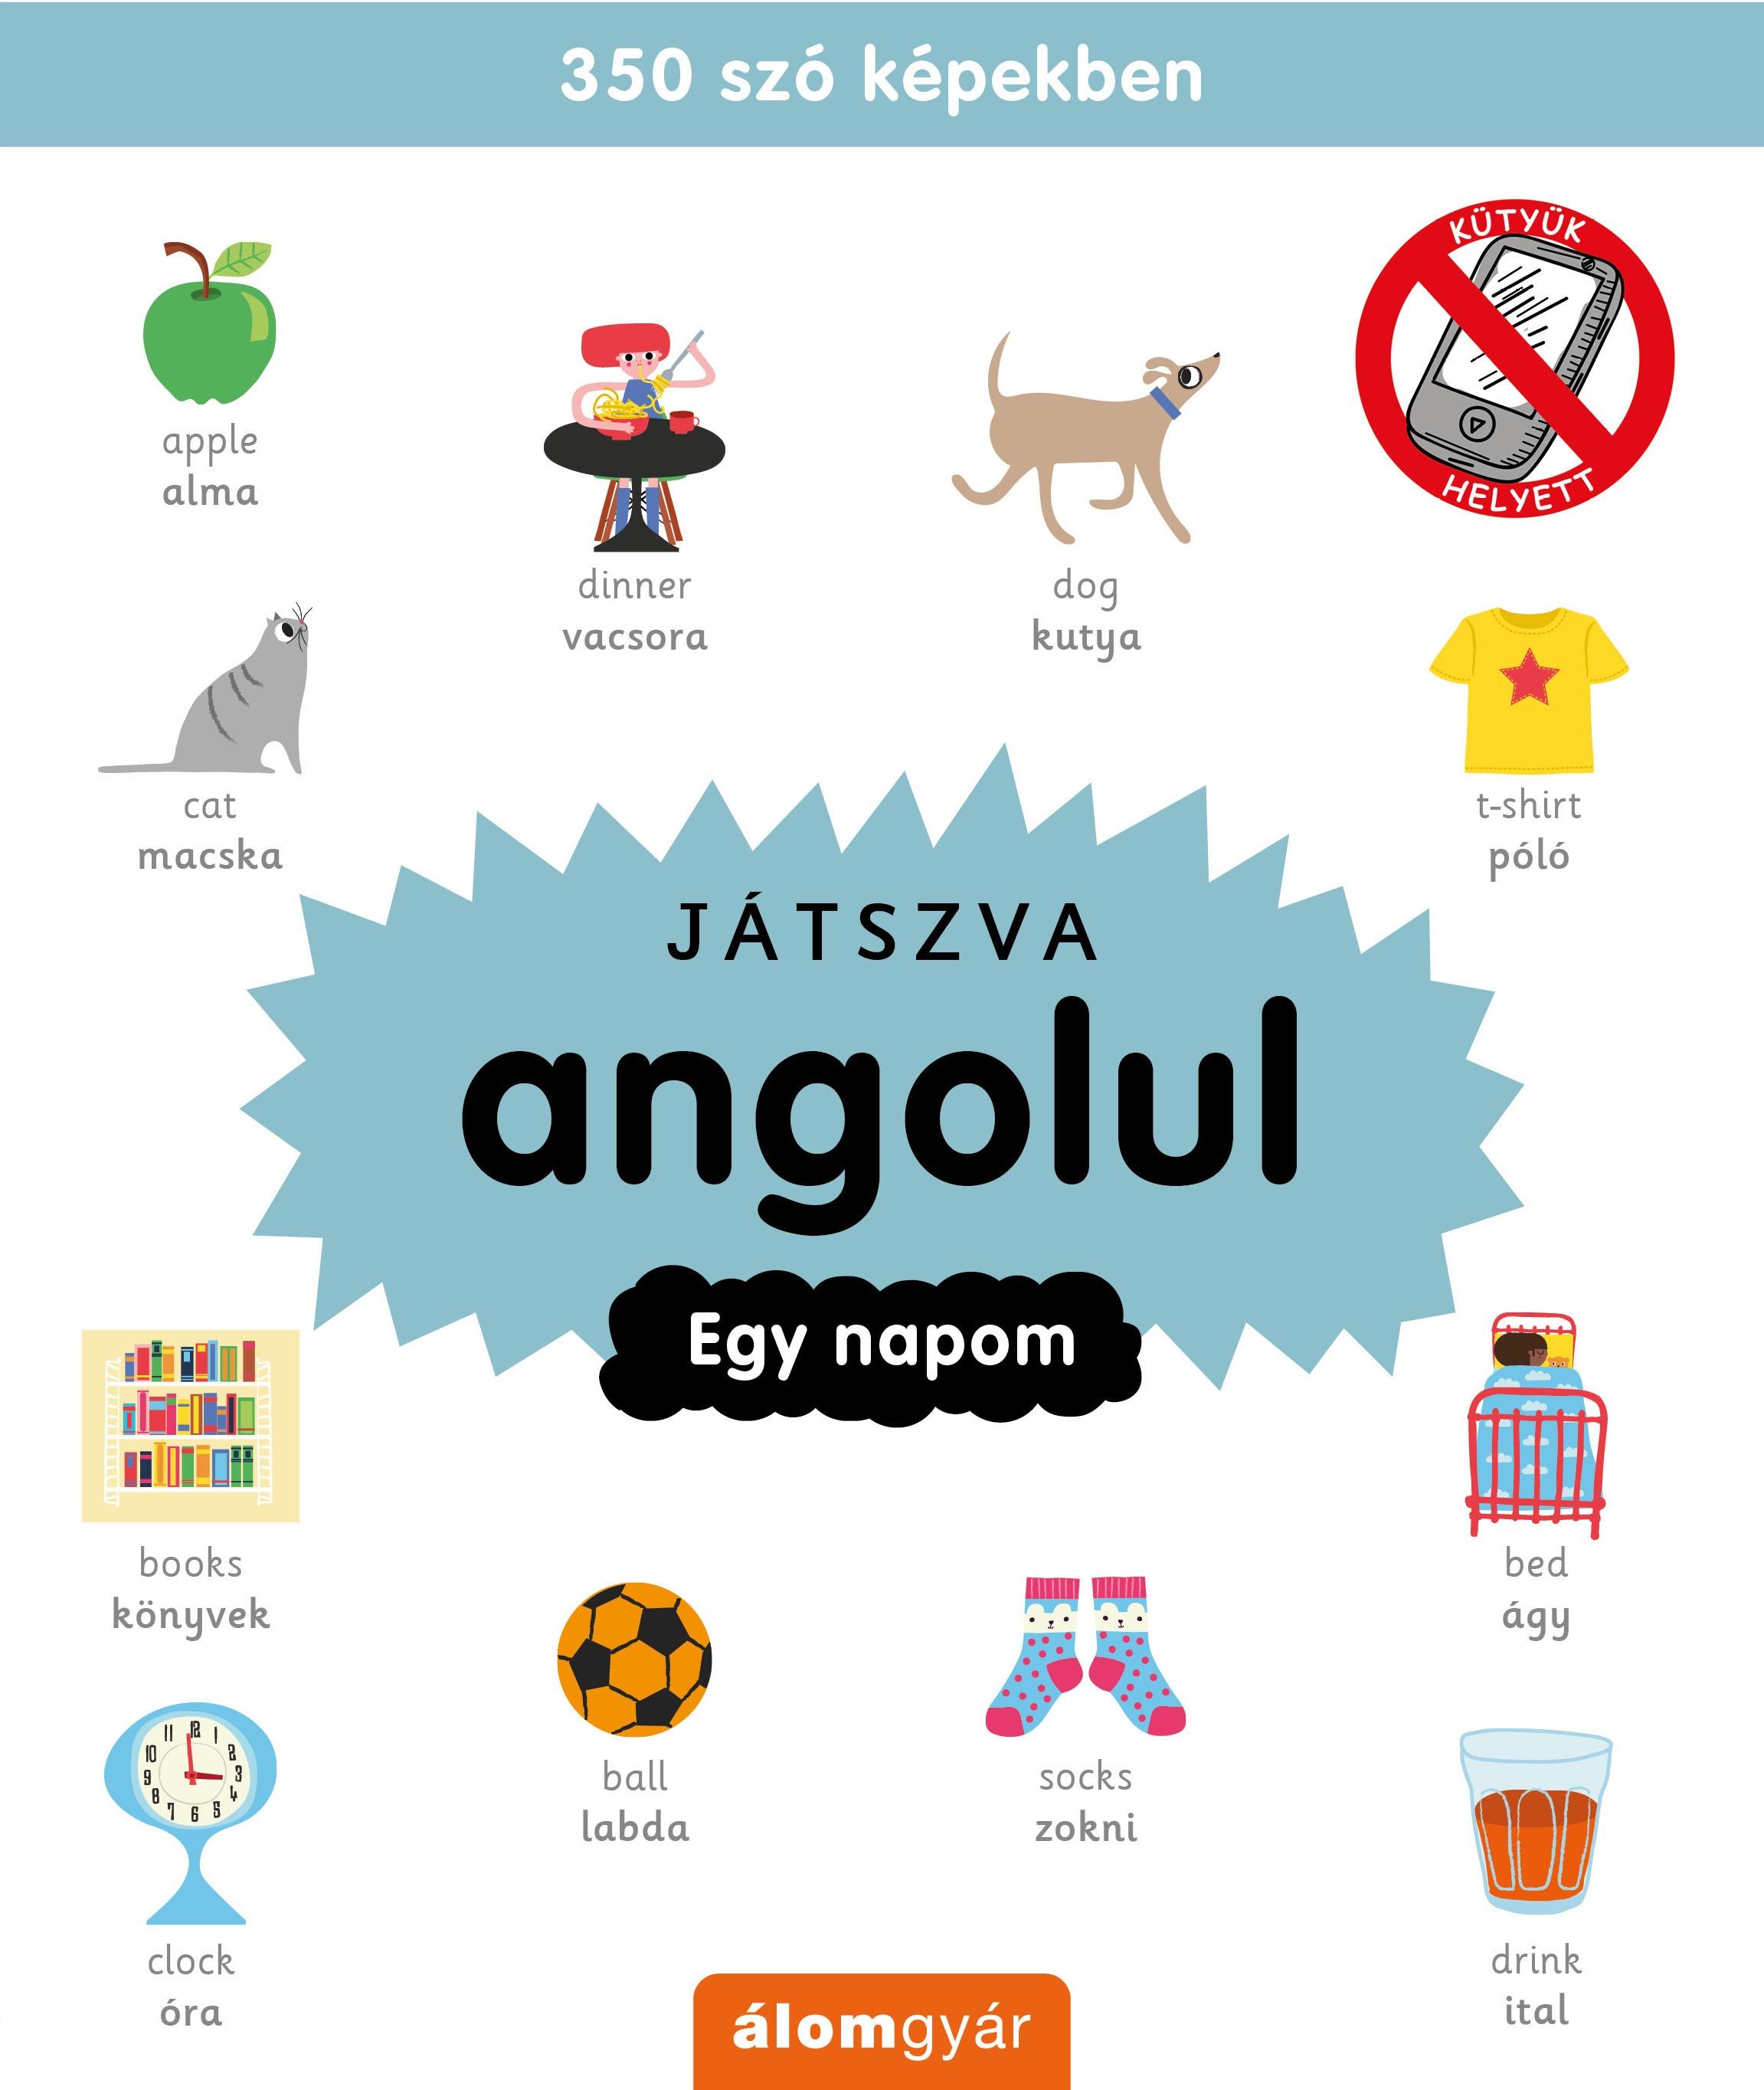 Játszva angolul - Egy napom